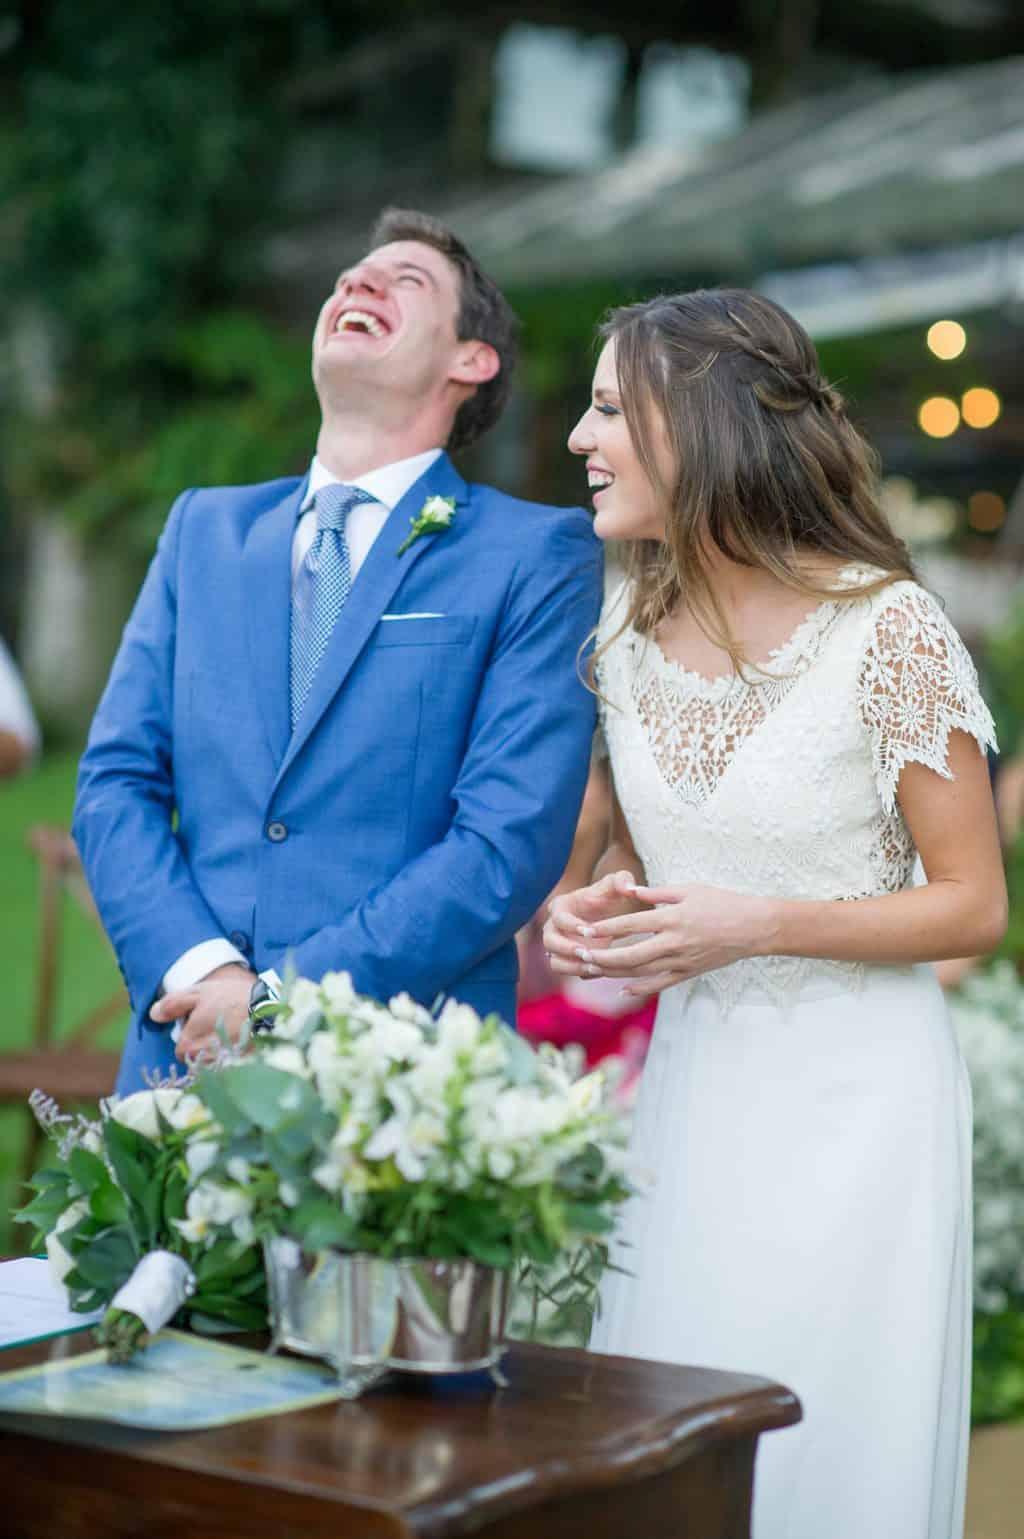 Casa-de-Santa-Teresa-Daniela-e-Juan-Destination-Wedding-Mariana-Nogueira-Decor-Marina-Fava-Fotografia-Thais-de-Carvalho-Dias-CaseMe-5